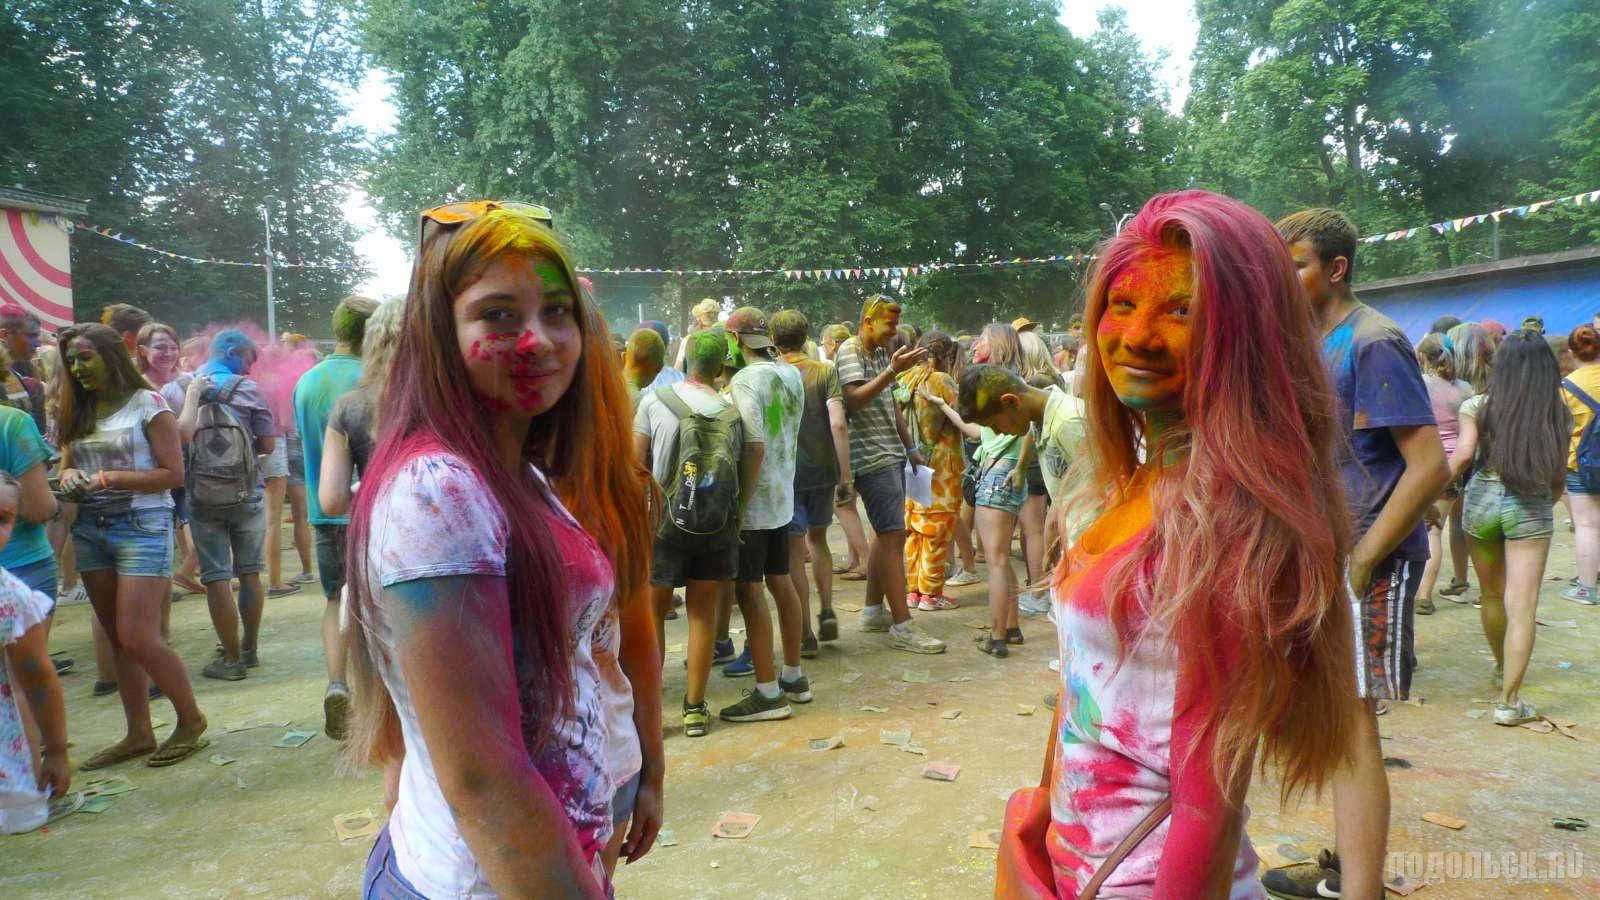 Фестиваль красок в Подольске. 31.07.16